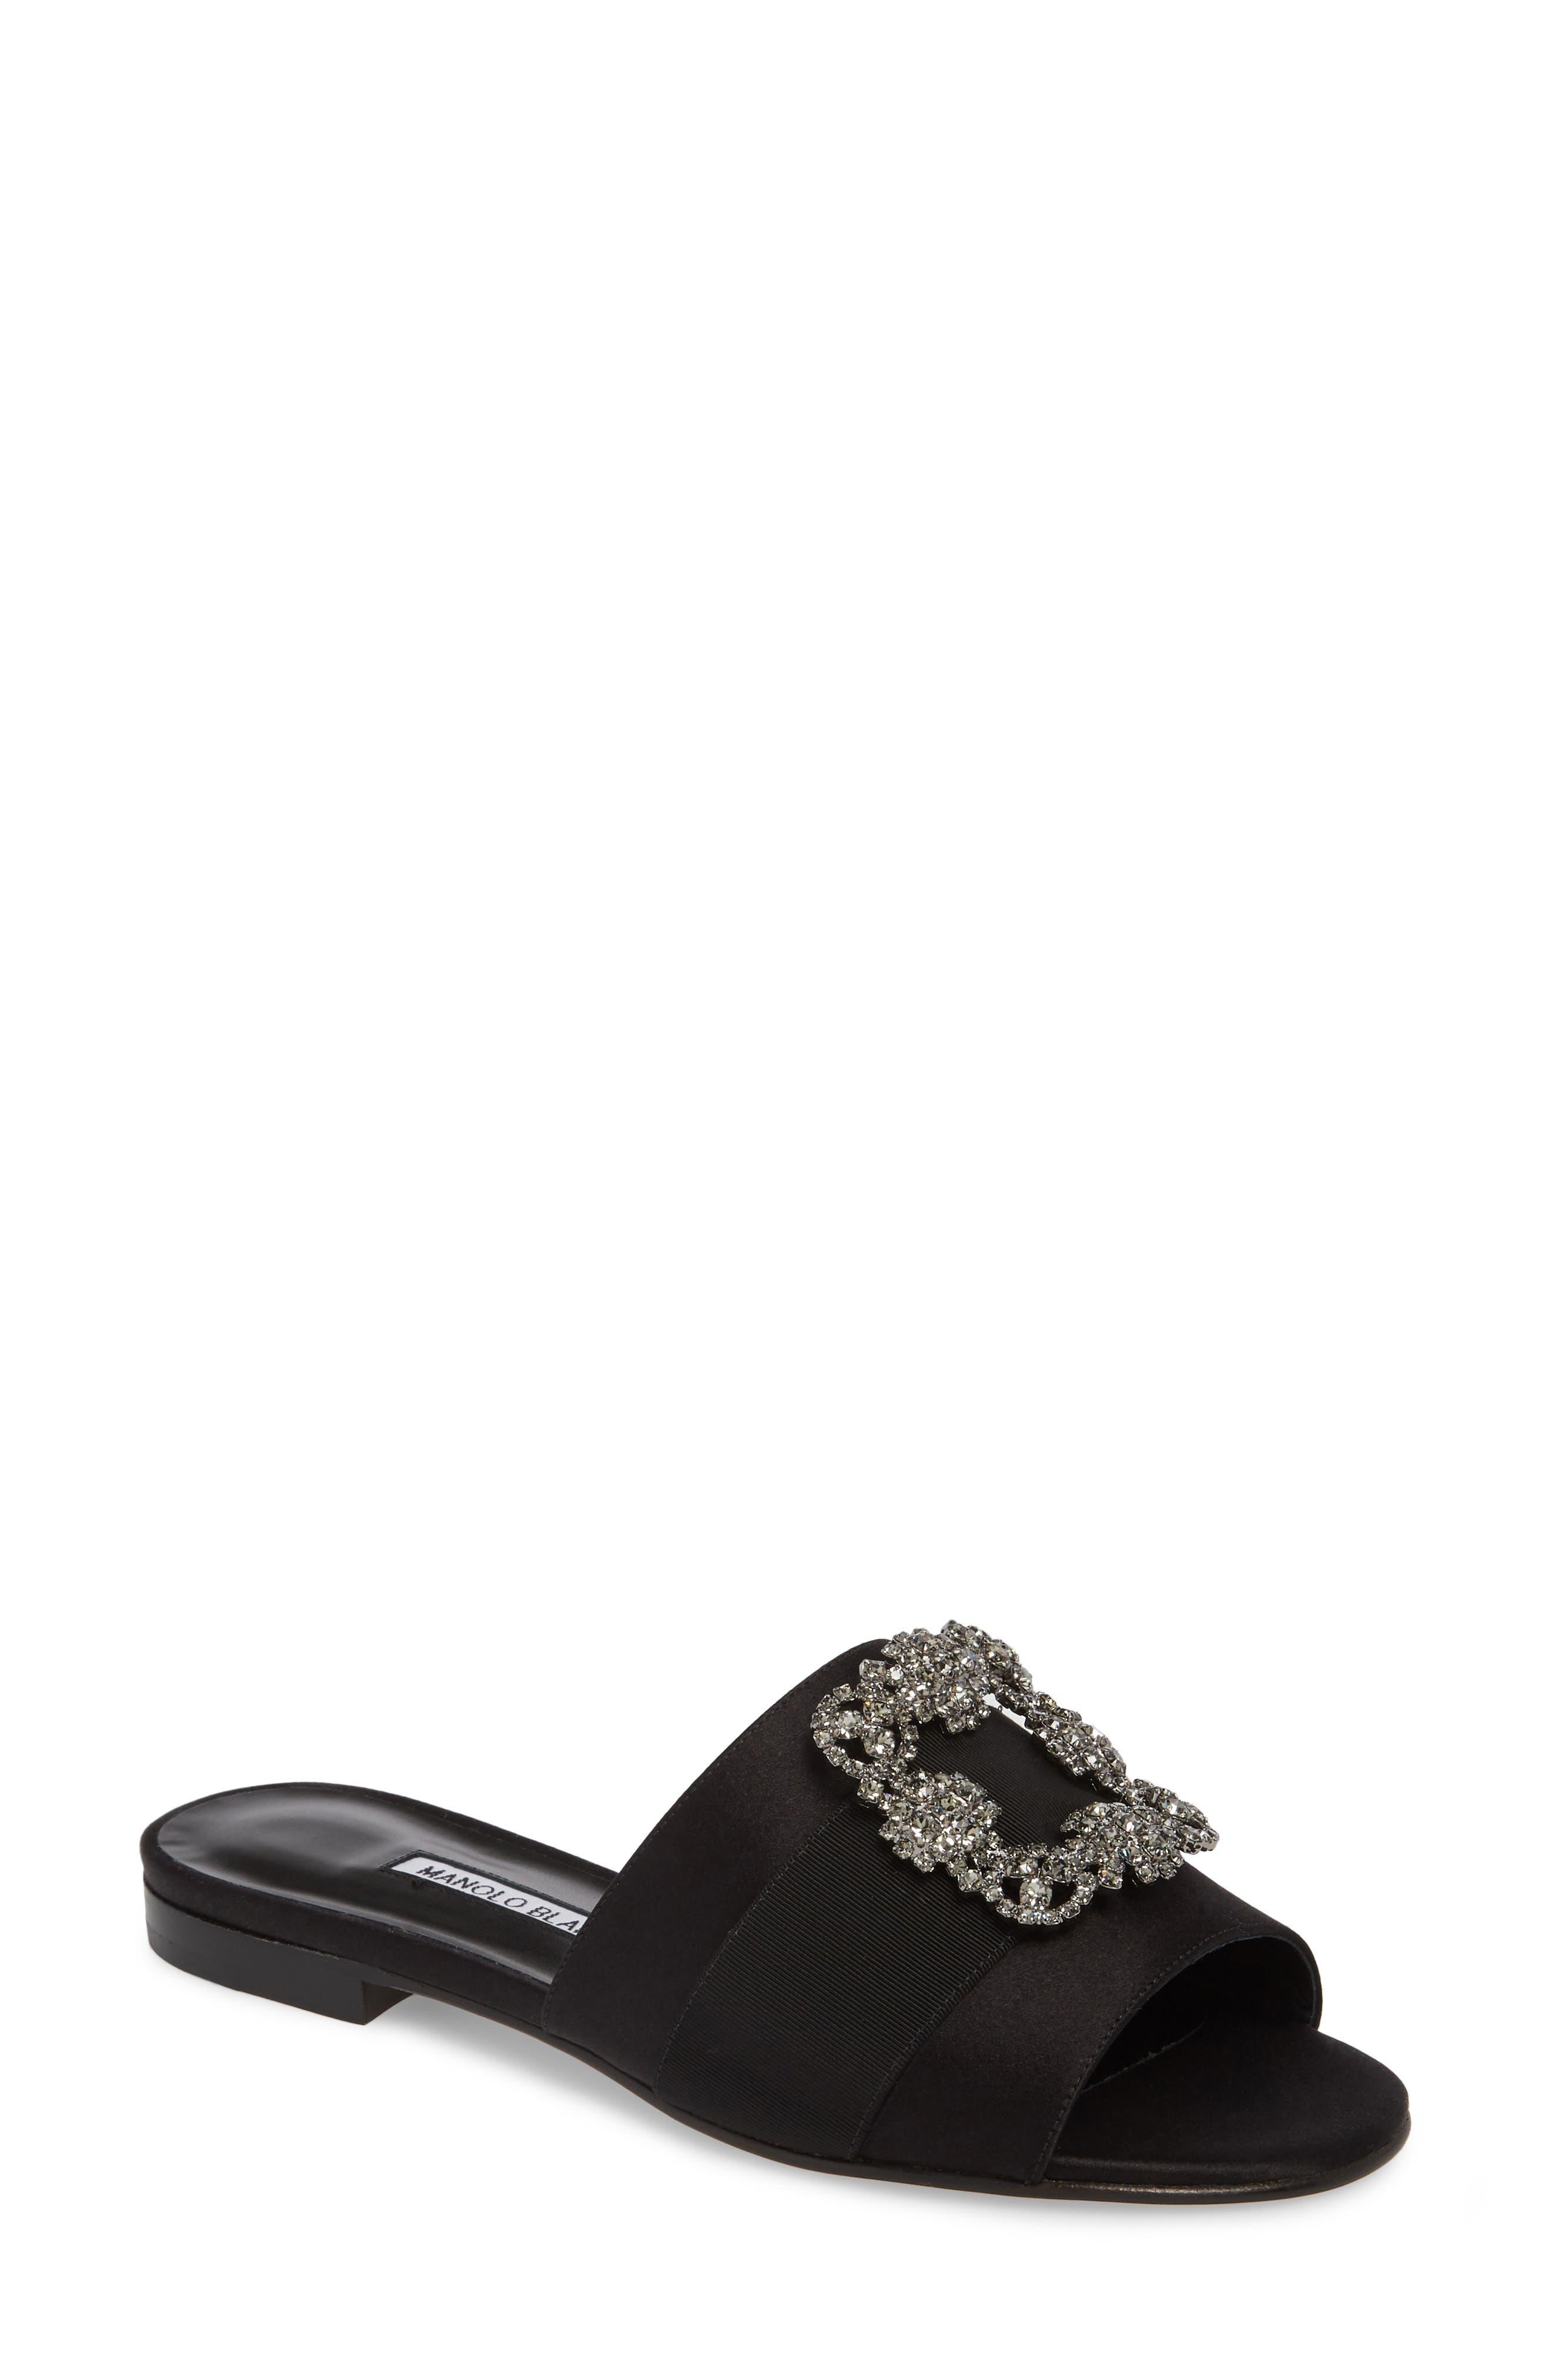 Martamod Crystal Embellished Slide Sandal,                             Main thumbnail 1, color,                             Black Satin